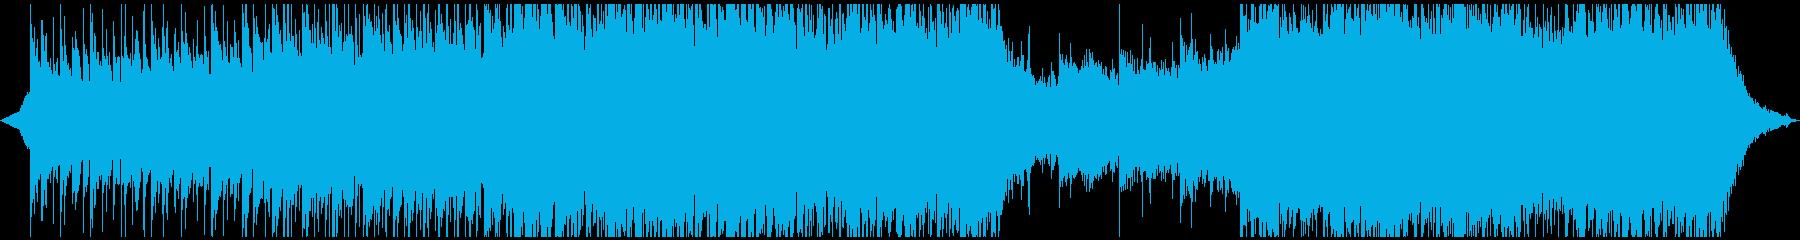 感動的なシネマティックの再生済みの波形